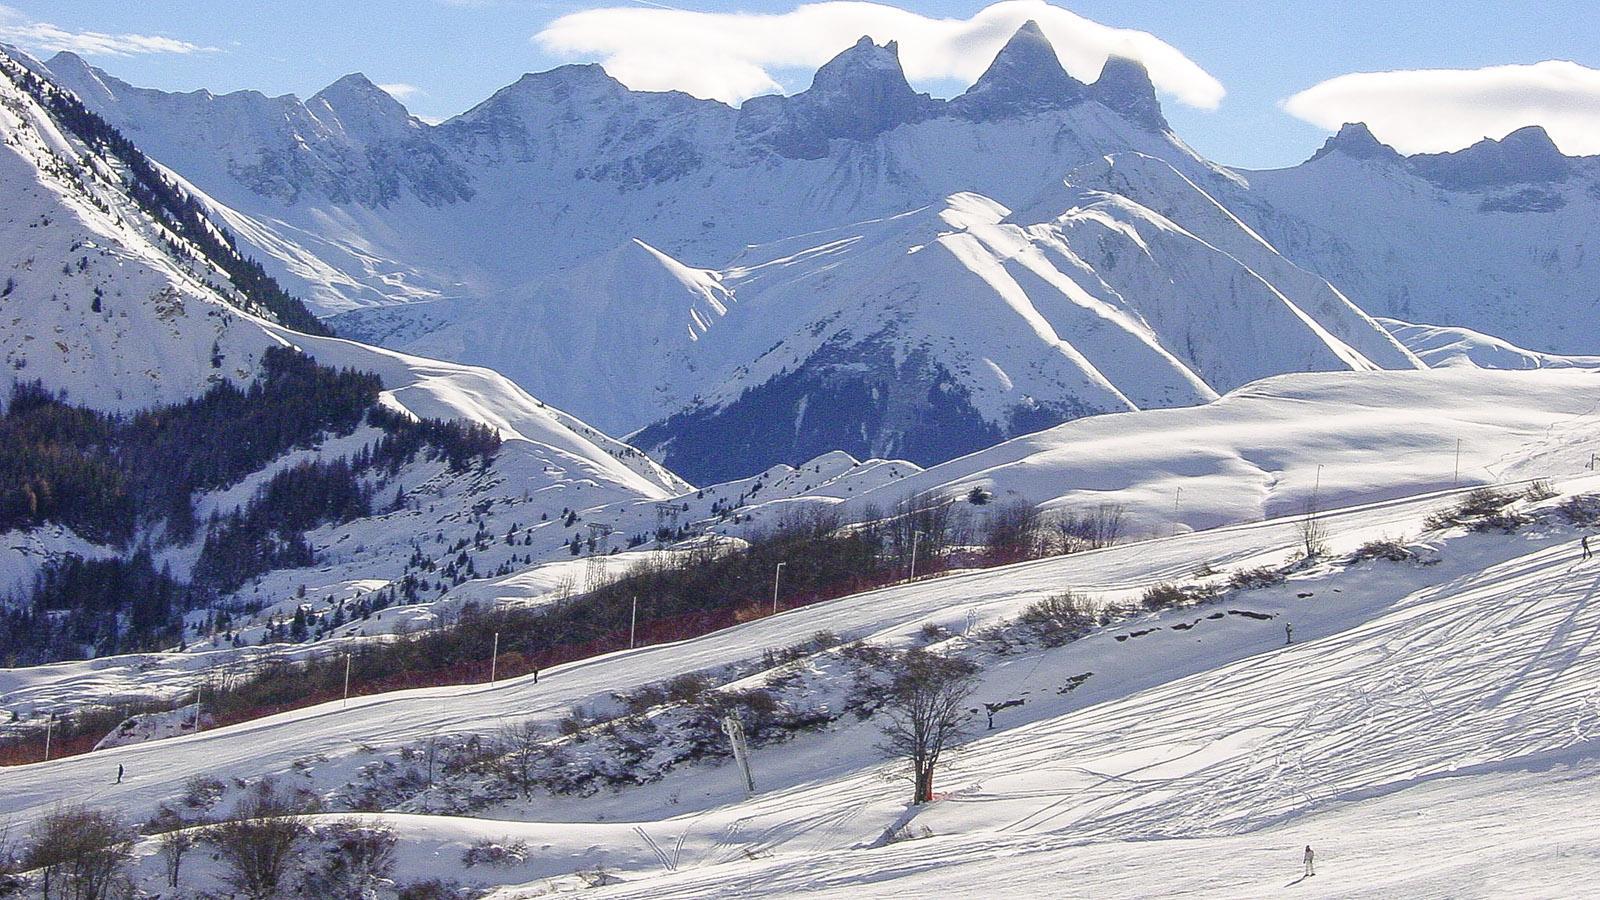 Les Sybelles: Blick auf die Bergspitzen der Aiguilles d'Arves, die zum Wahrzeichen des Skigebietes wurden. Foto: Hilke Maunder